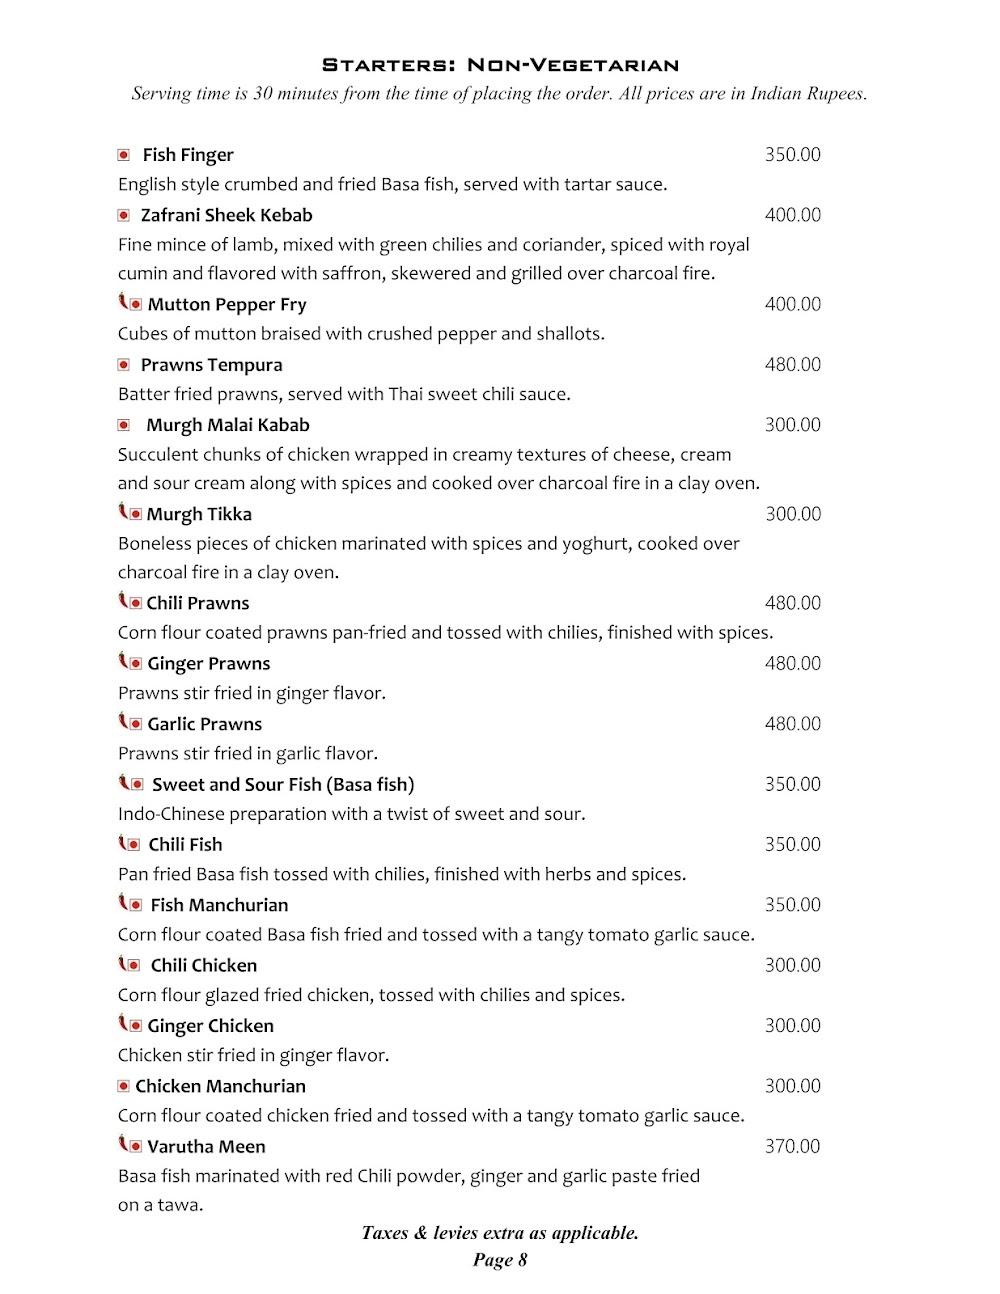 Cafe @ Elanza menu 4